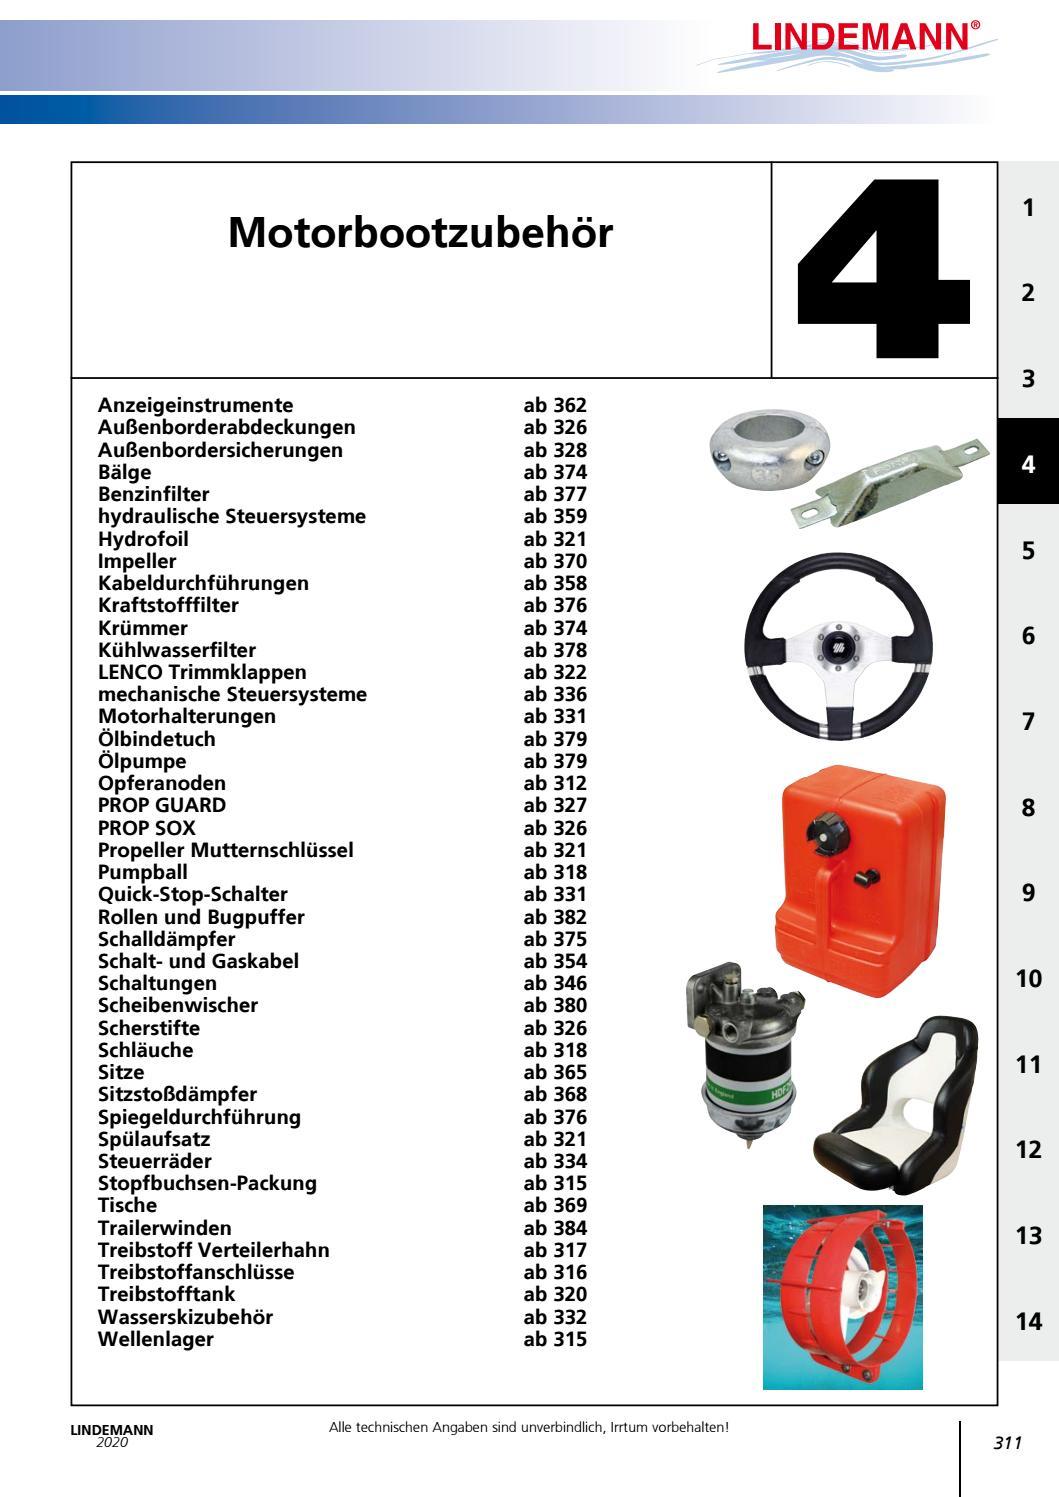 Anoden Anode Anodensatz Anodenkit Volvo Penta 280 DP Duo Prop Magnesium Süsswass